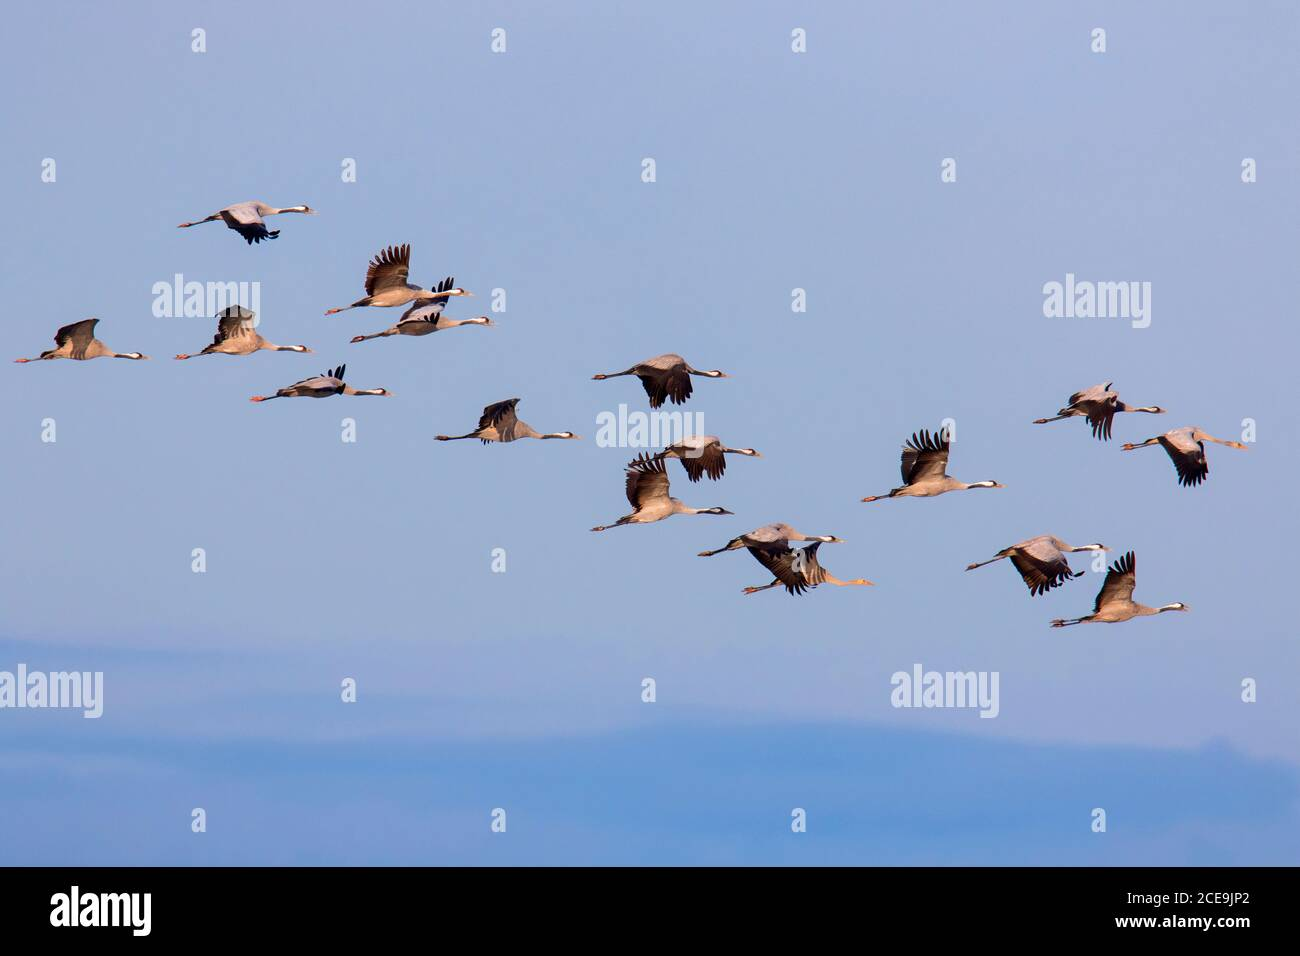 Rebaño migratorio de grúas comunes / grúa euroasiática (Grus grus) volando contra el cielo azul durante la migración en otoño Foto de stock